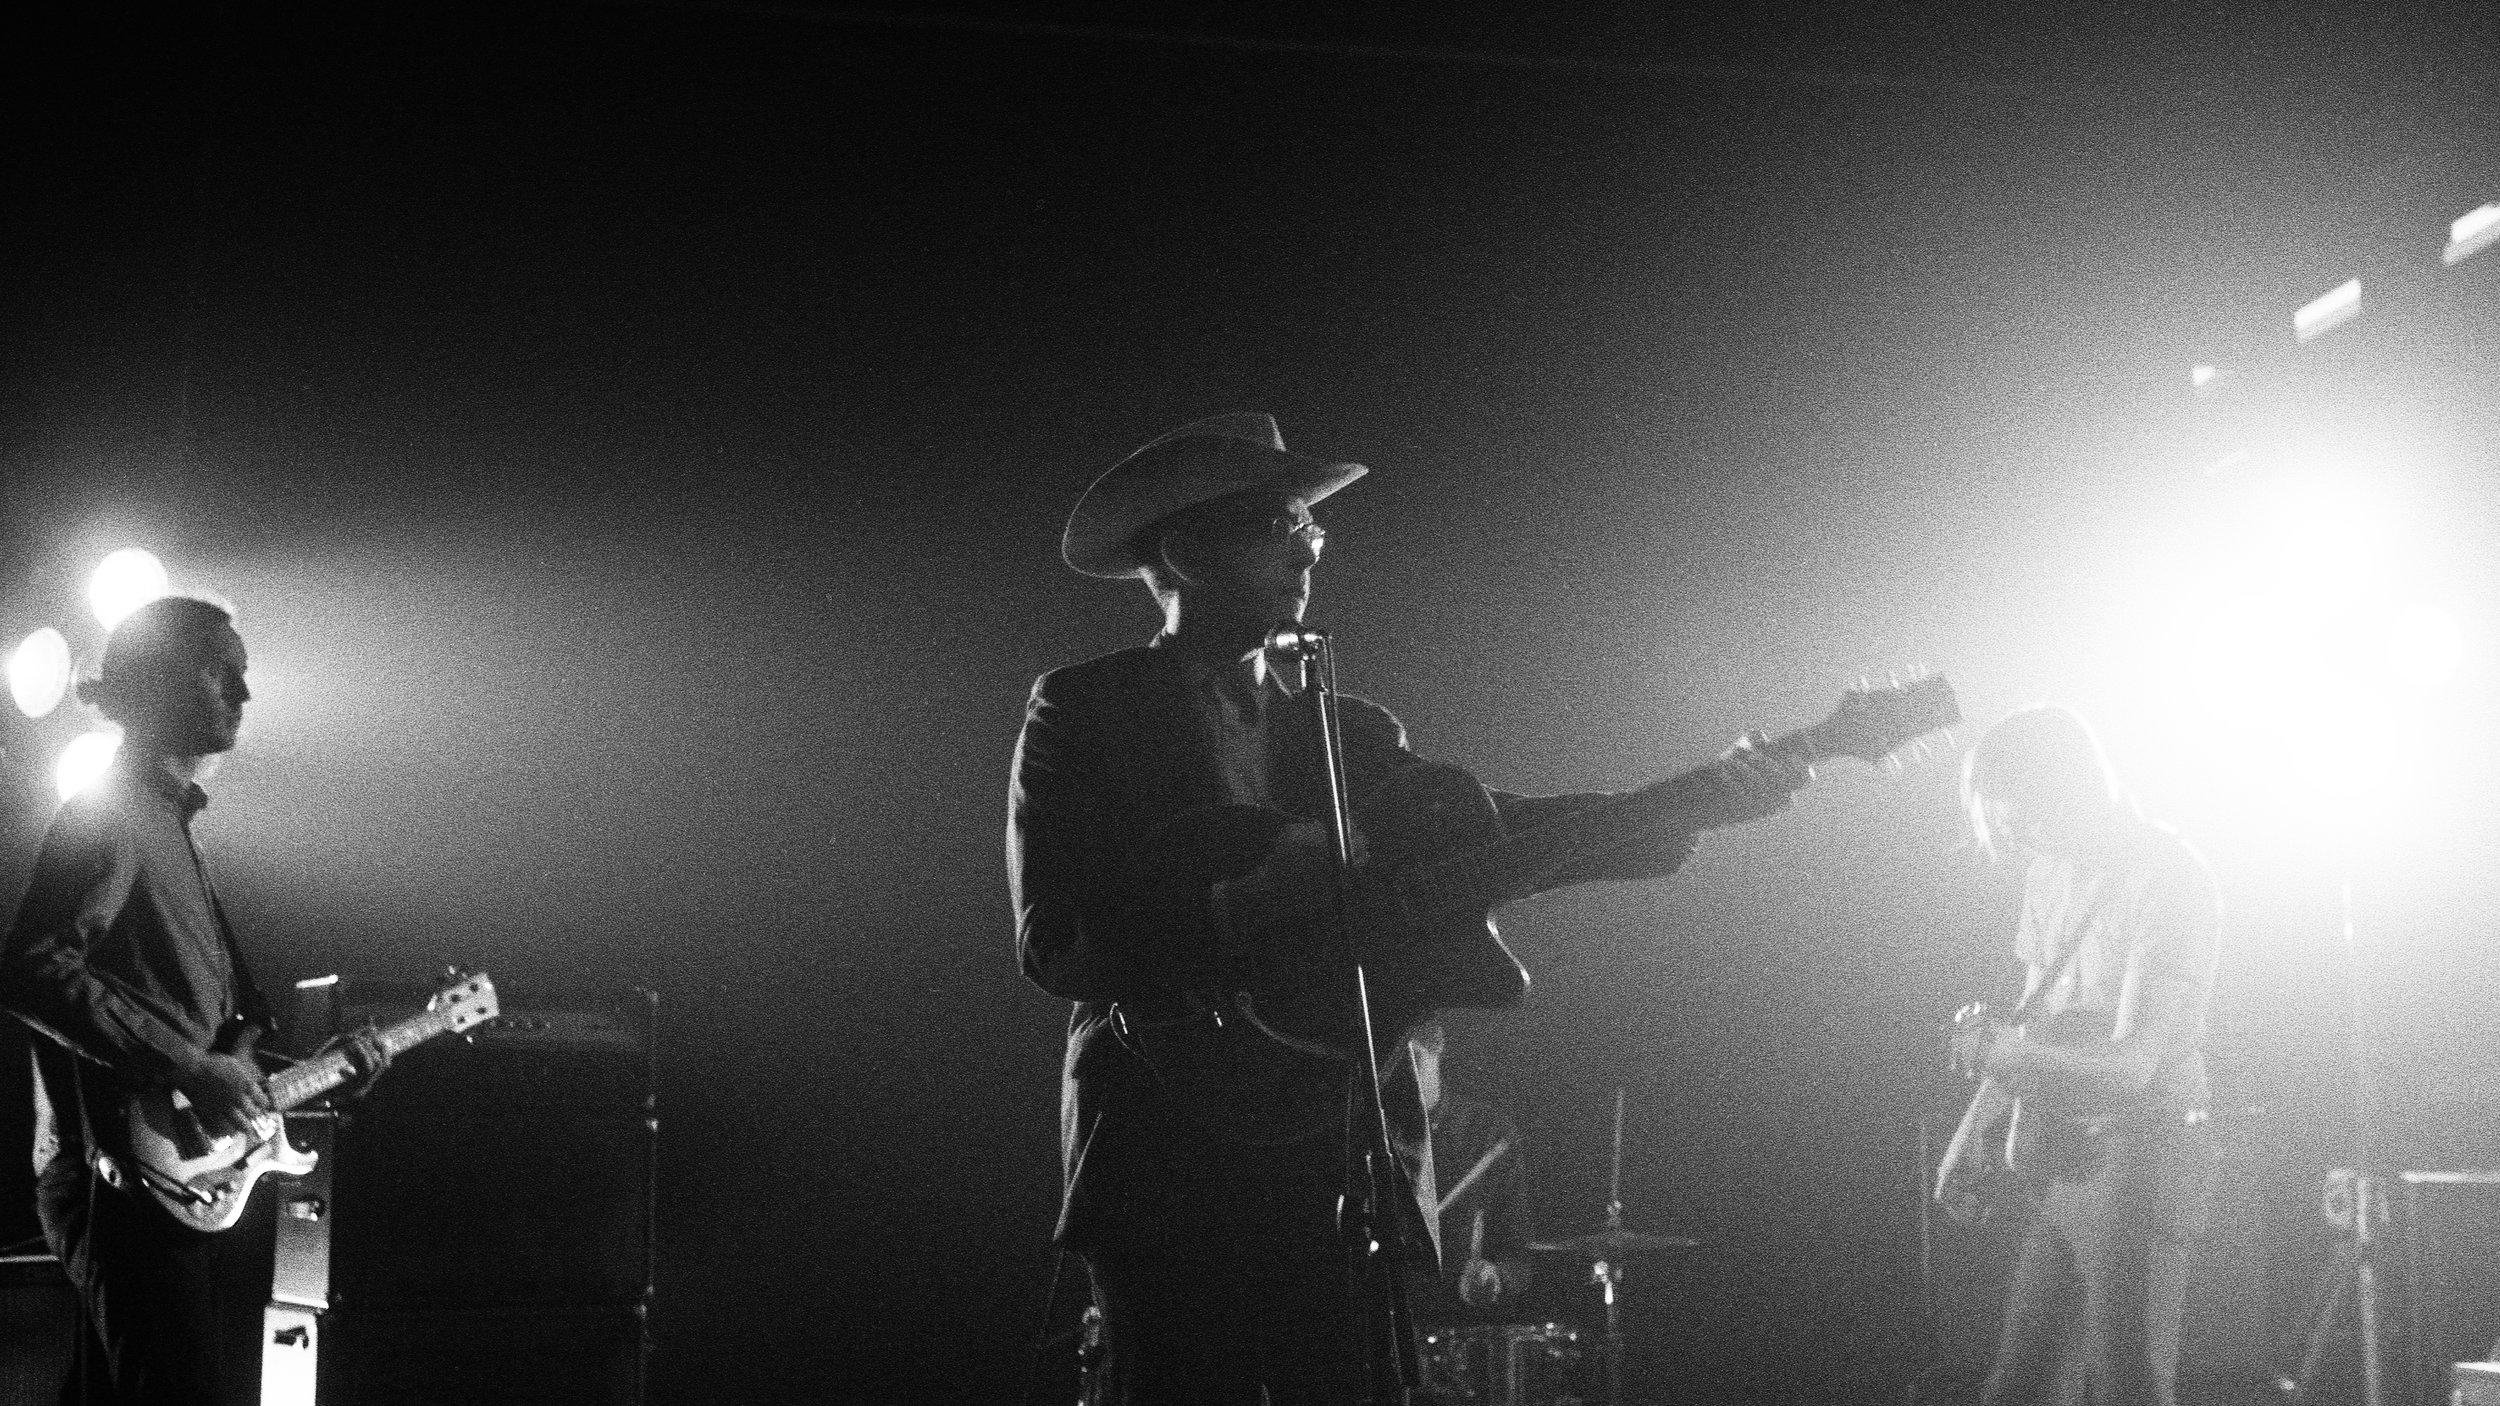 Joel Flora - Snakes Music Video - Frame 1.jpg